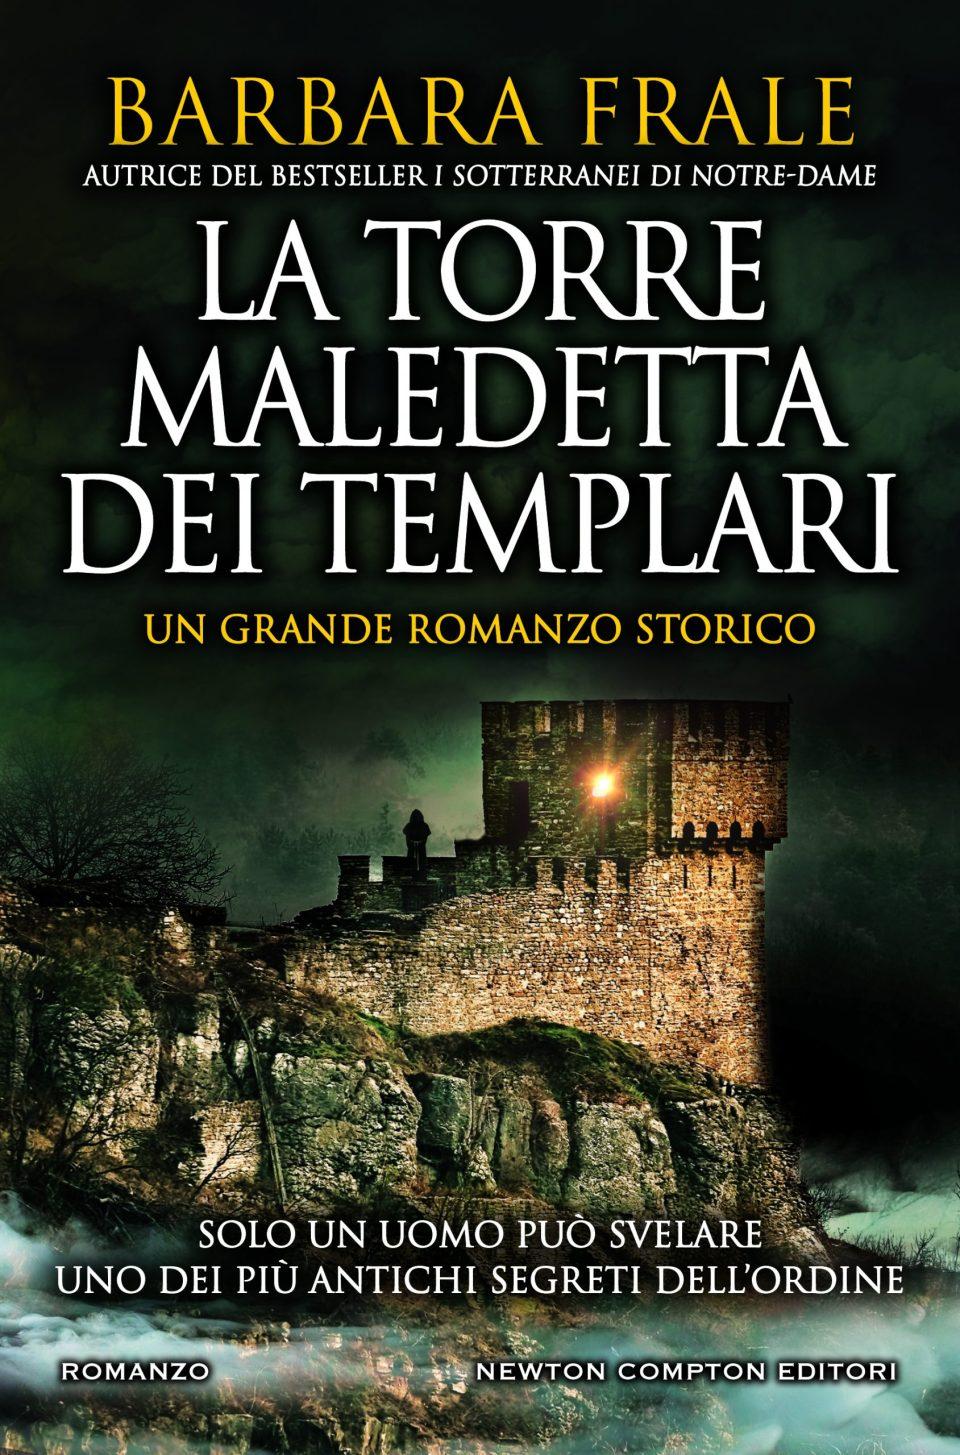 La torre maledetta dei templari Book Cover